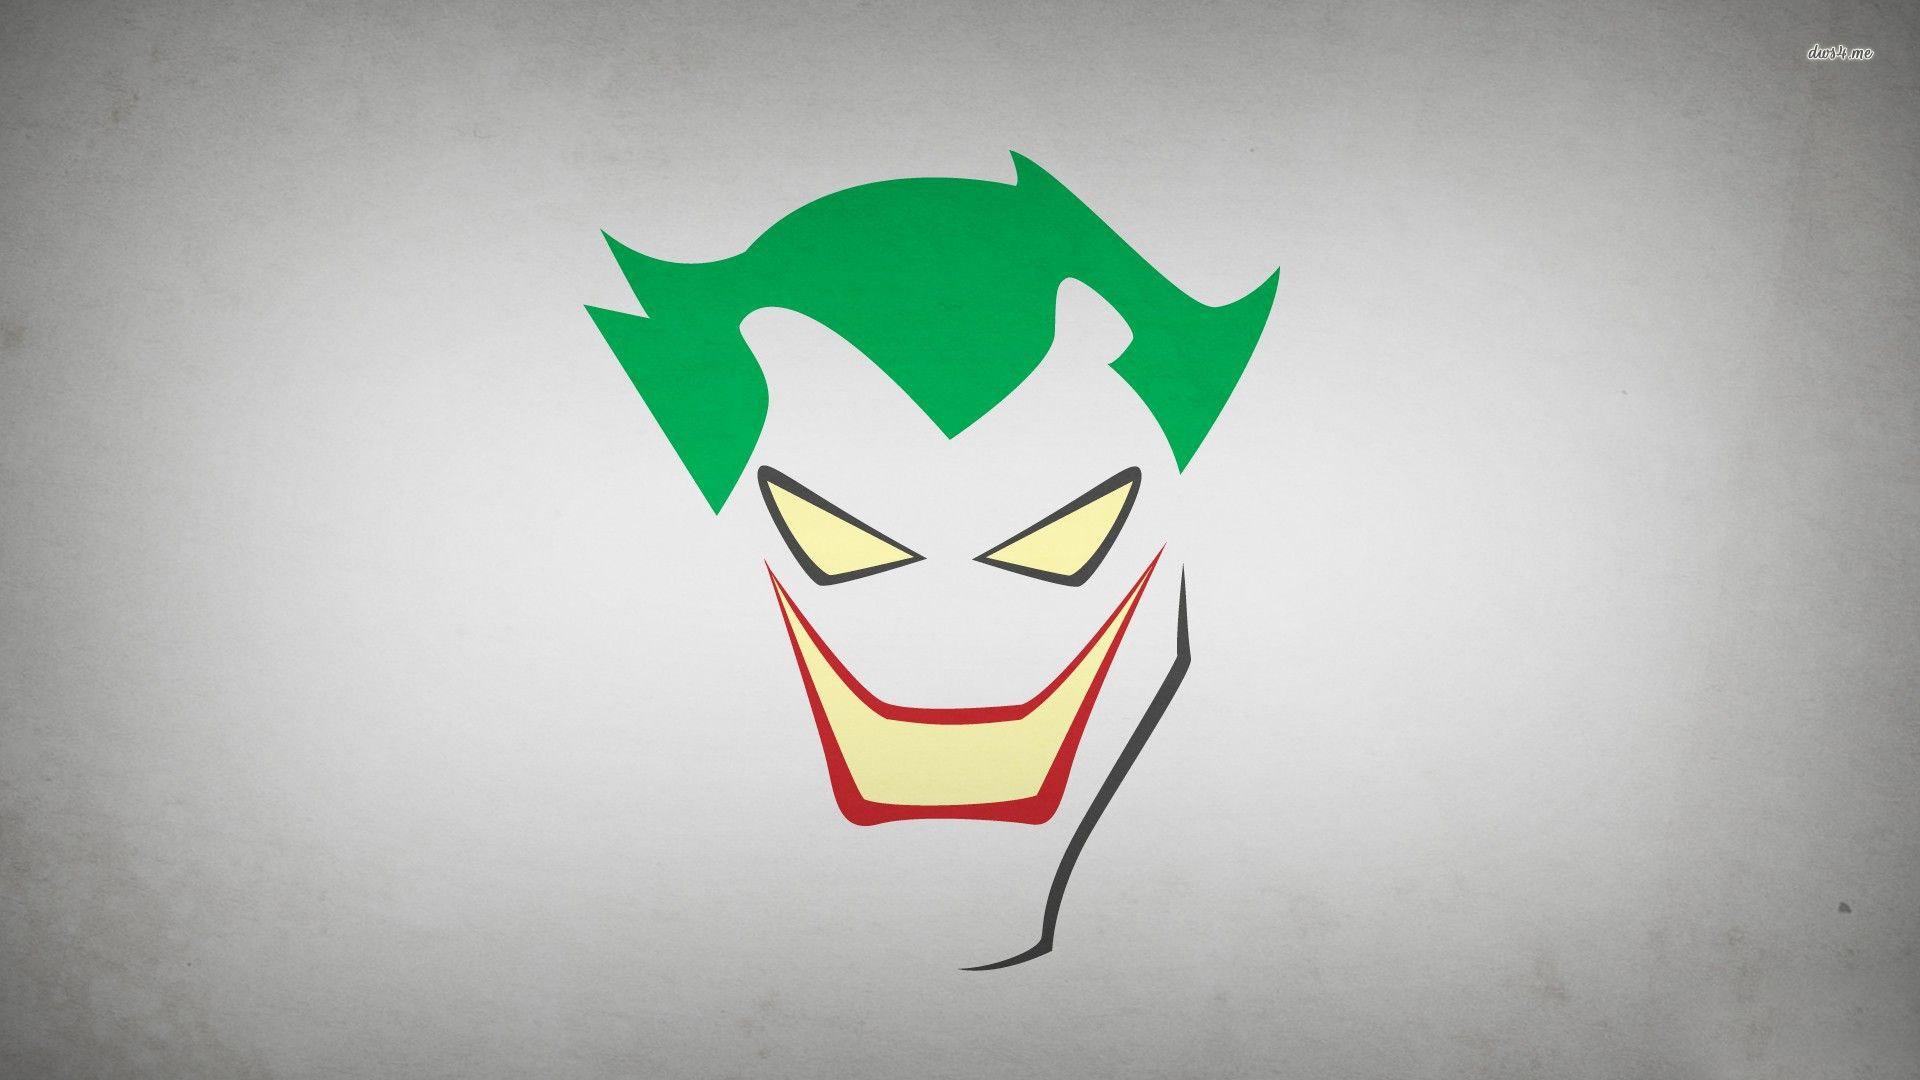 the joker minimalist art hd desktop wallpaper widescreen backgrounds 1920x1080